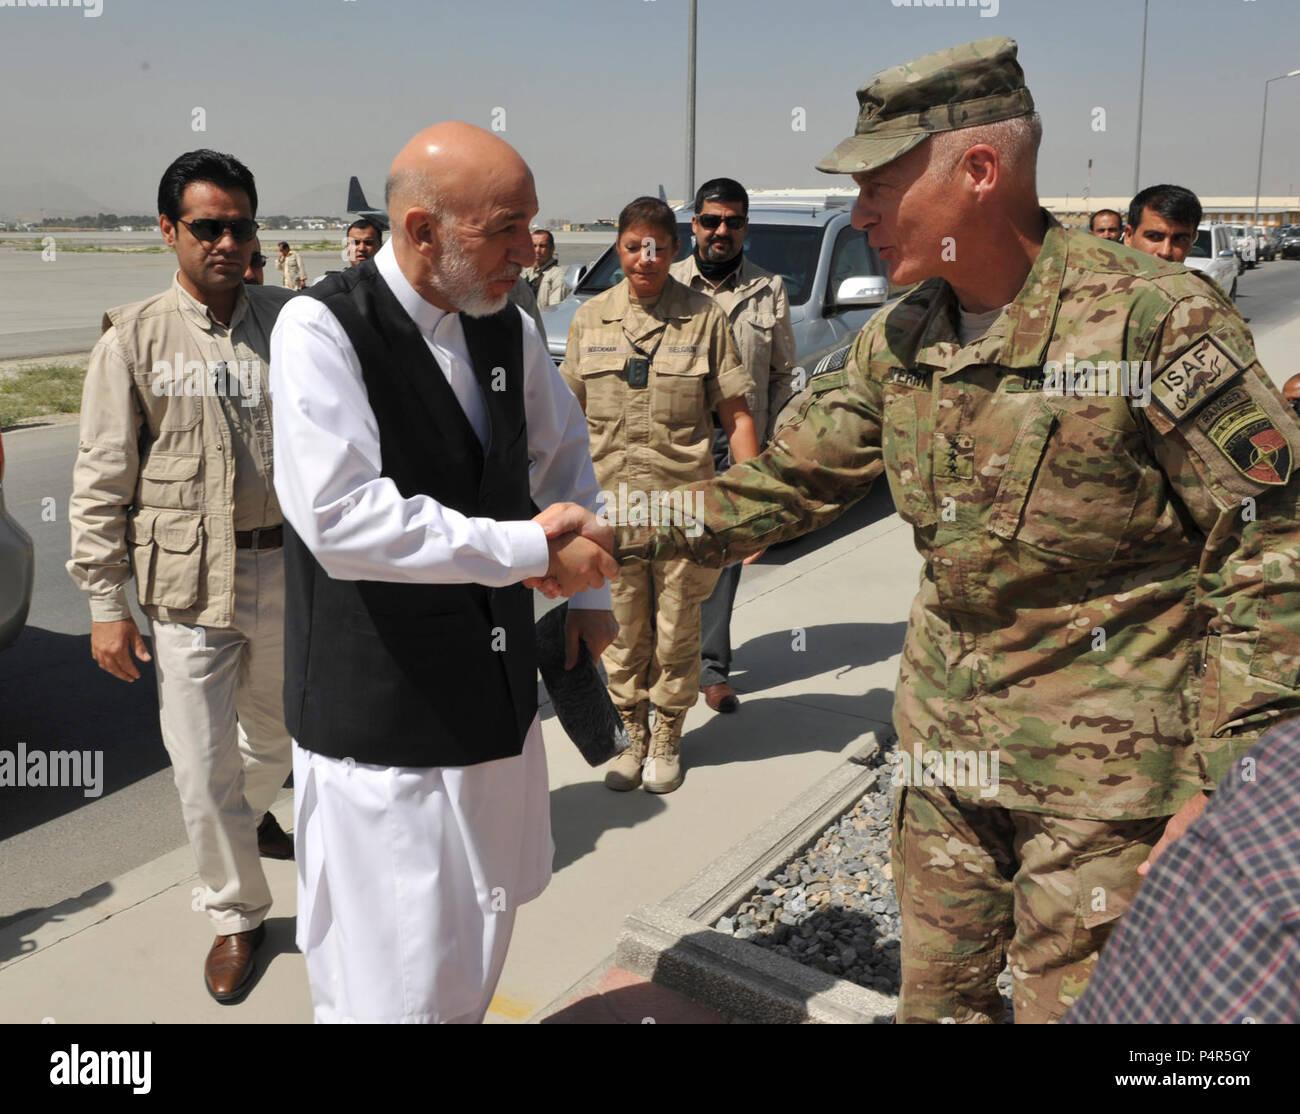 Stati Uniti Esercito Lt. Gen. James L. Terry, destro e il comandante della forza internazionale di assistenza alla sicurezza comando congiunto, saluta il presidente afgano Hamid Karzai per la linea di volo a Kabul International Airport nella provincia di Kabul, Afghanistan, Agosto 21, 2012. Foto Stock